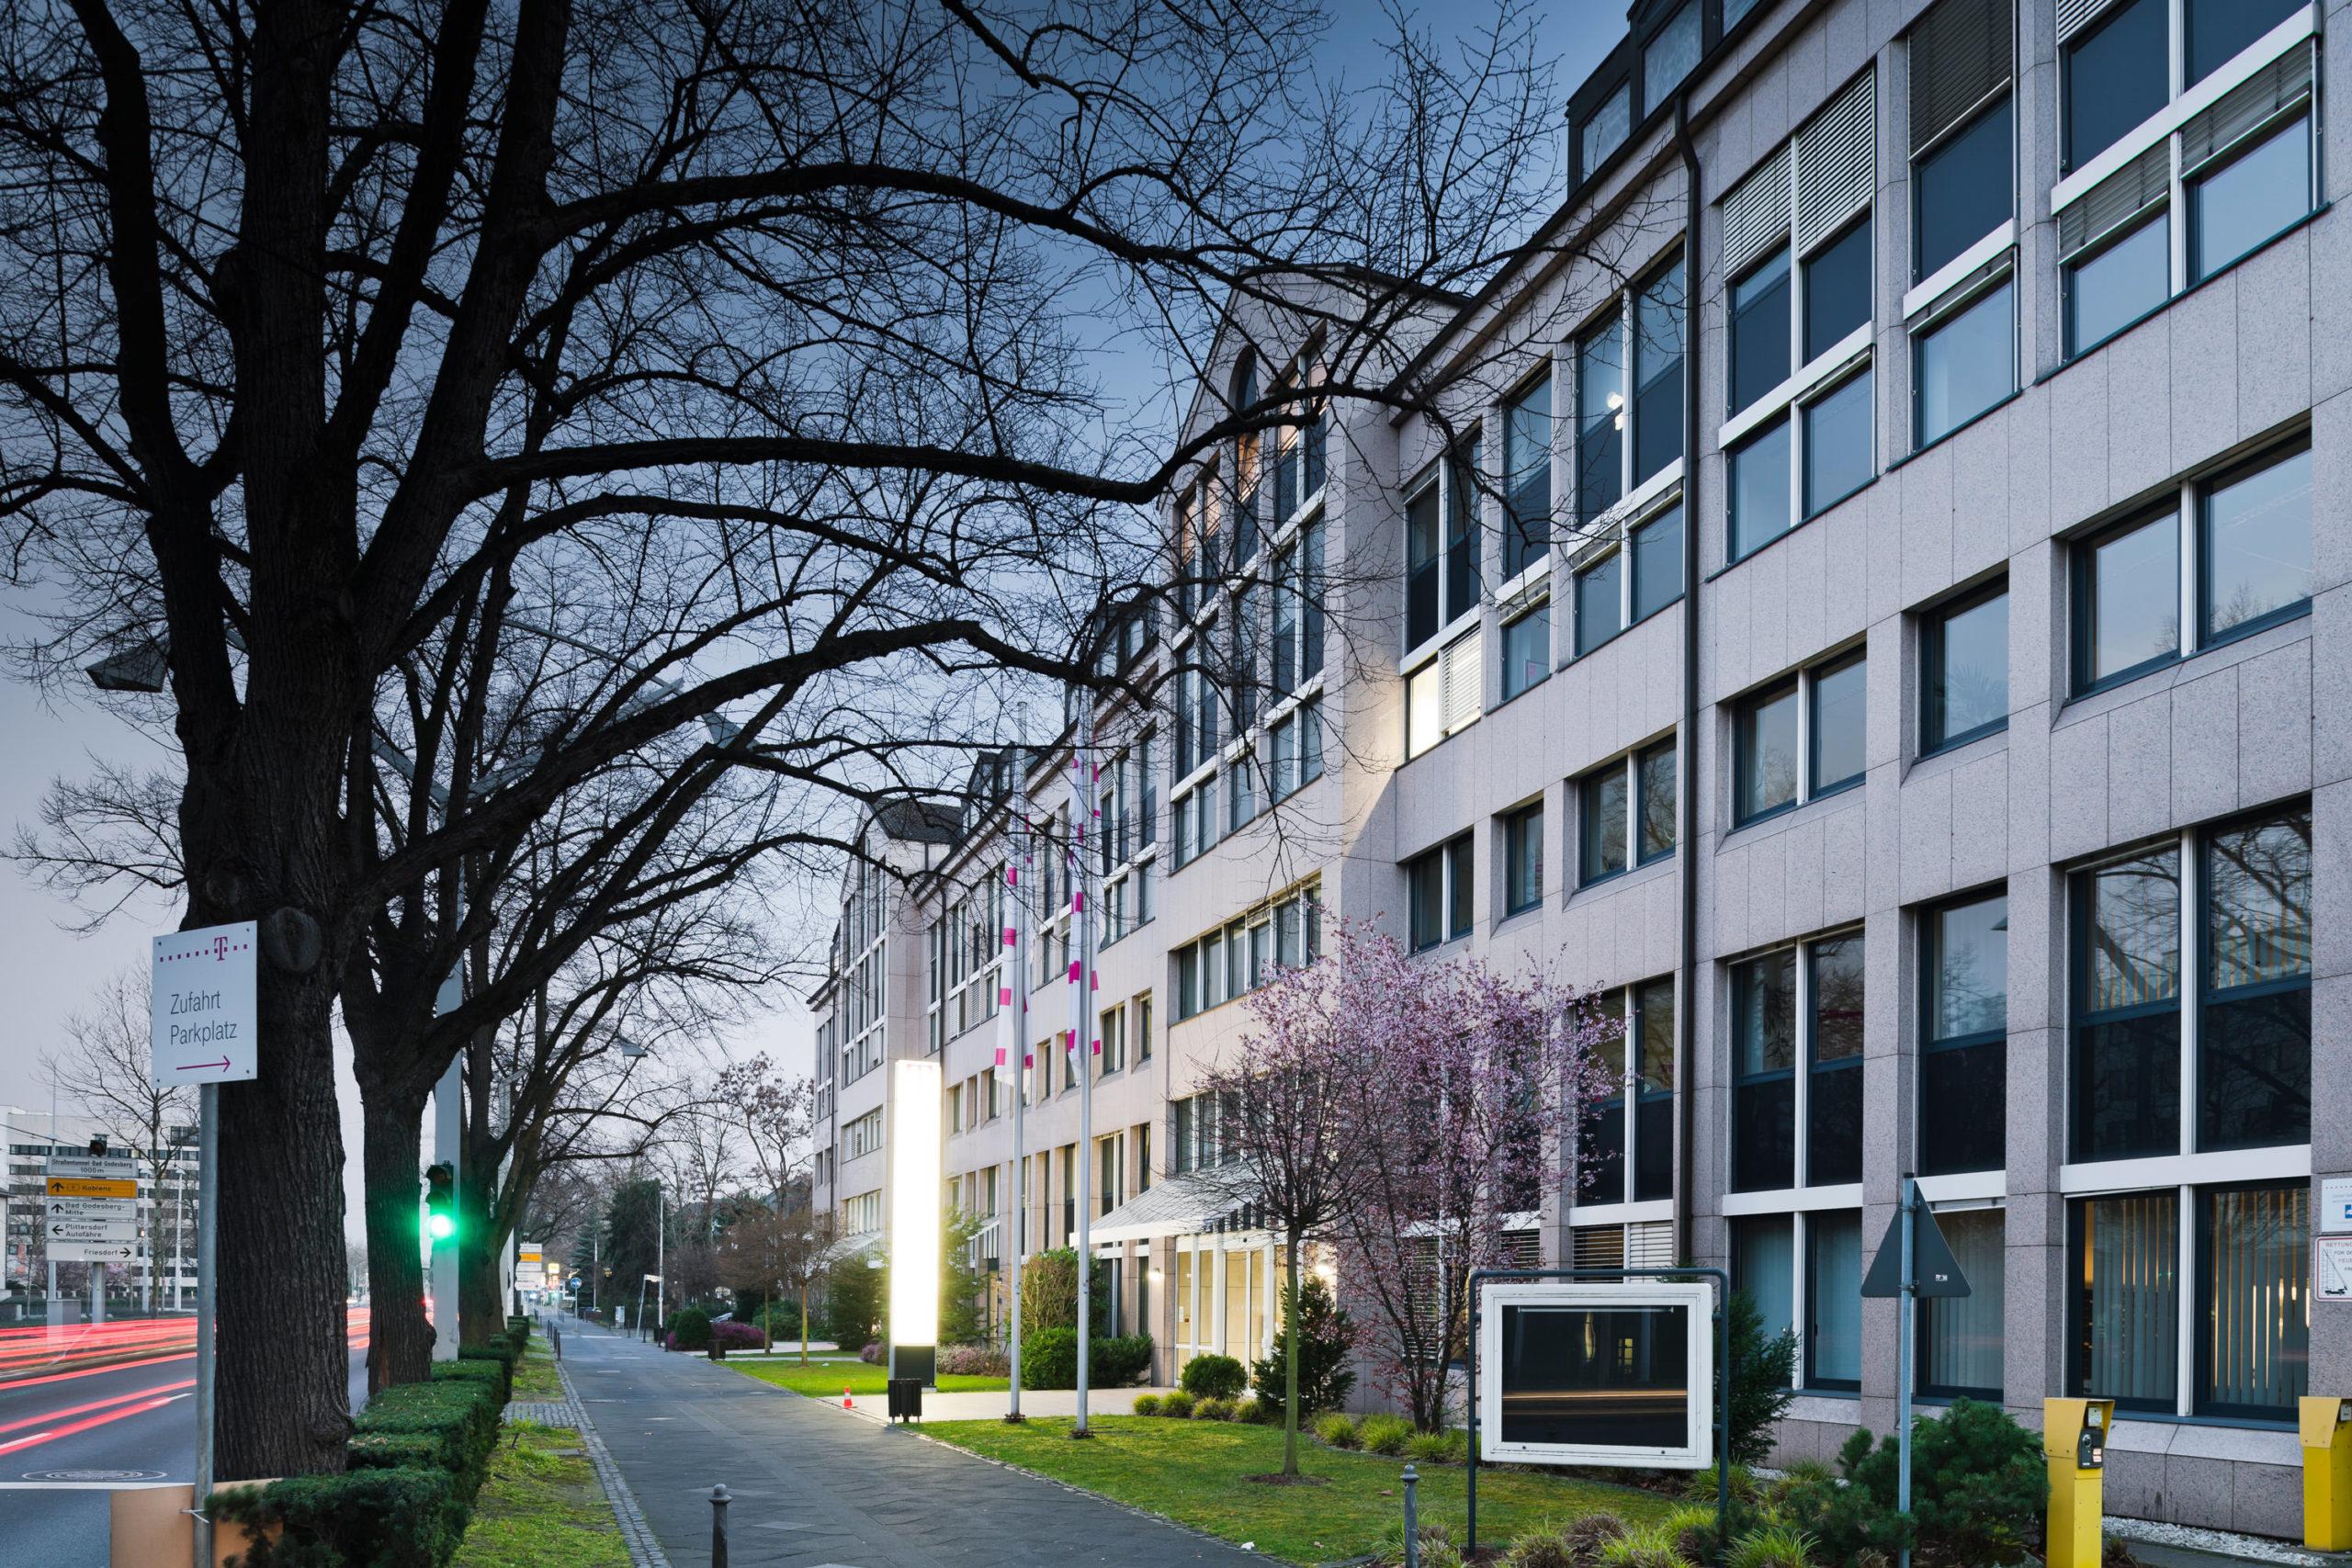 Godesberger Allee, Bonn